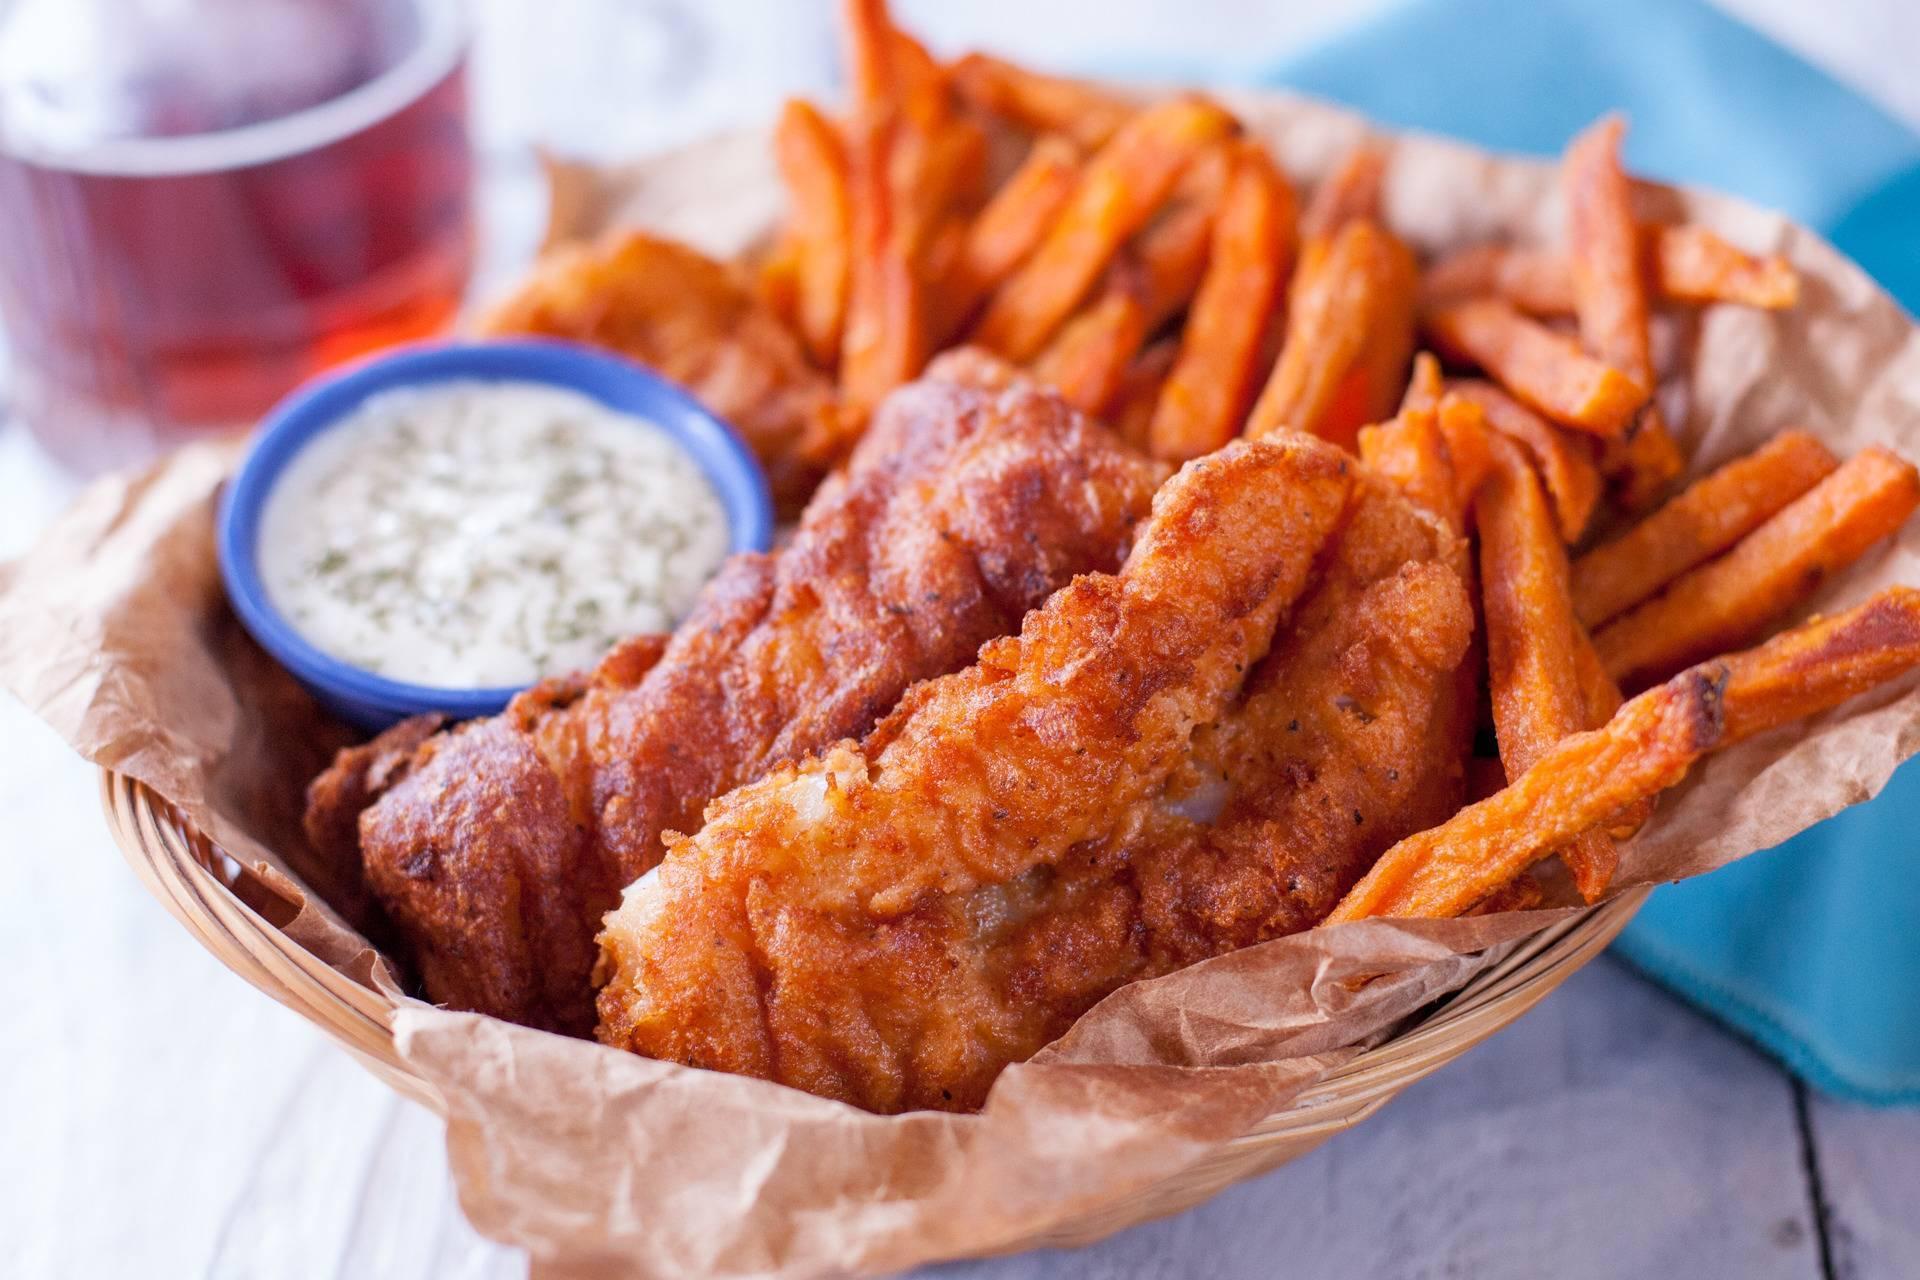 Рецепты кляра на пиве для рыбы: пошаговые простые варианты, в том числе классический, обжарка и рекомендации